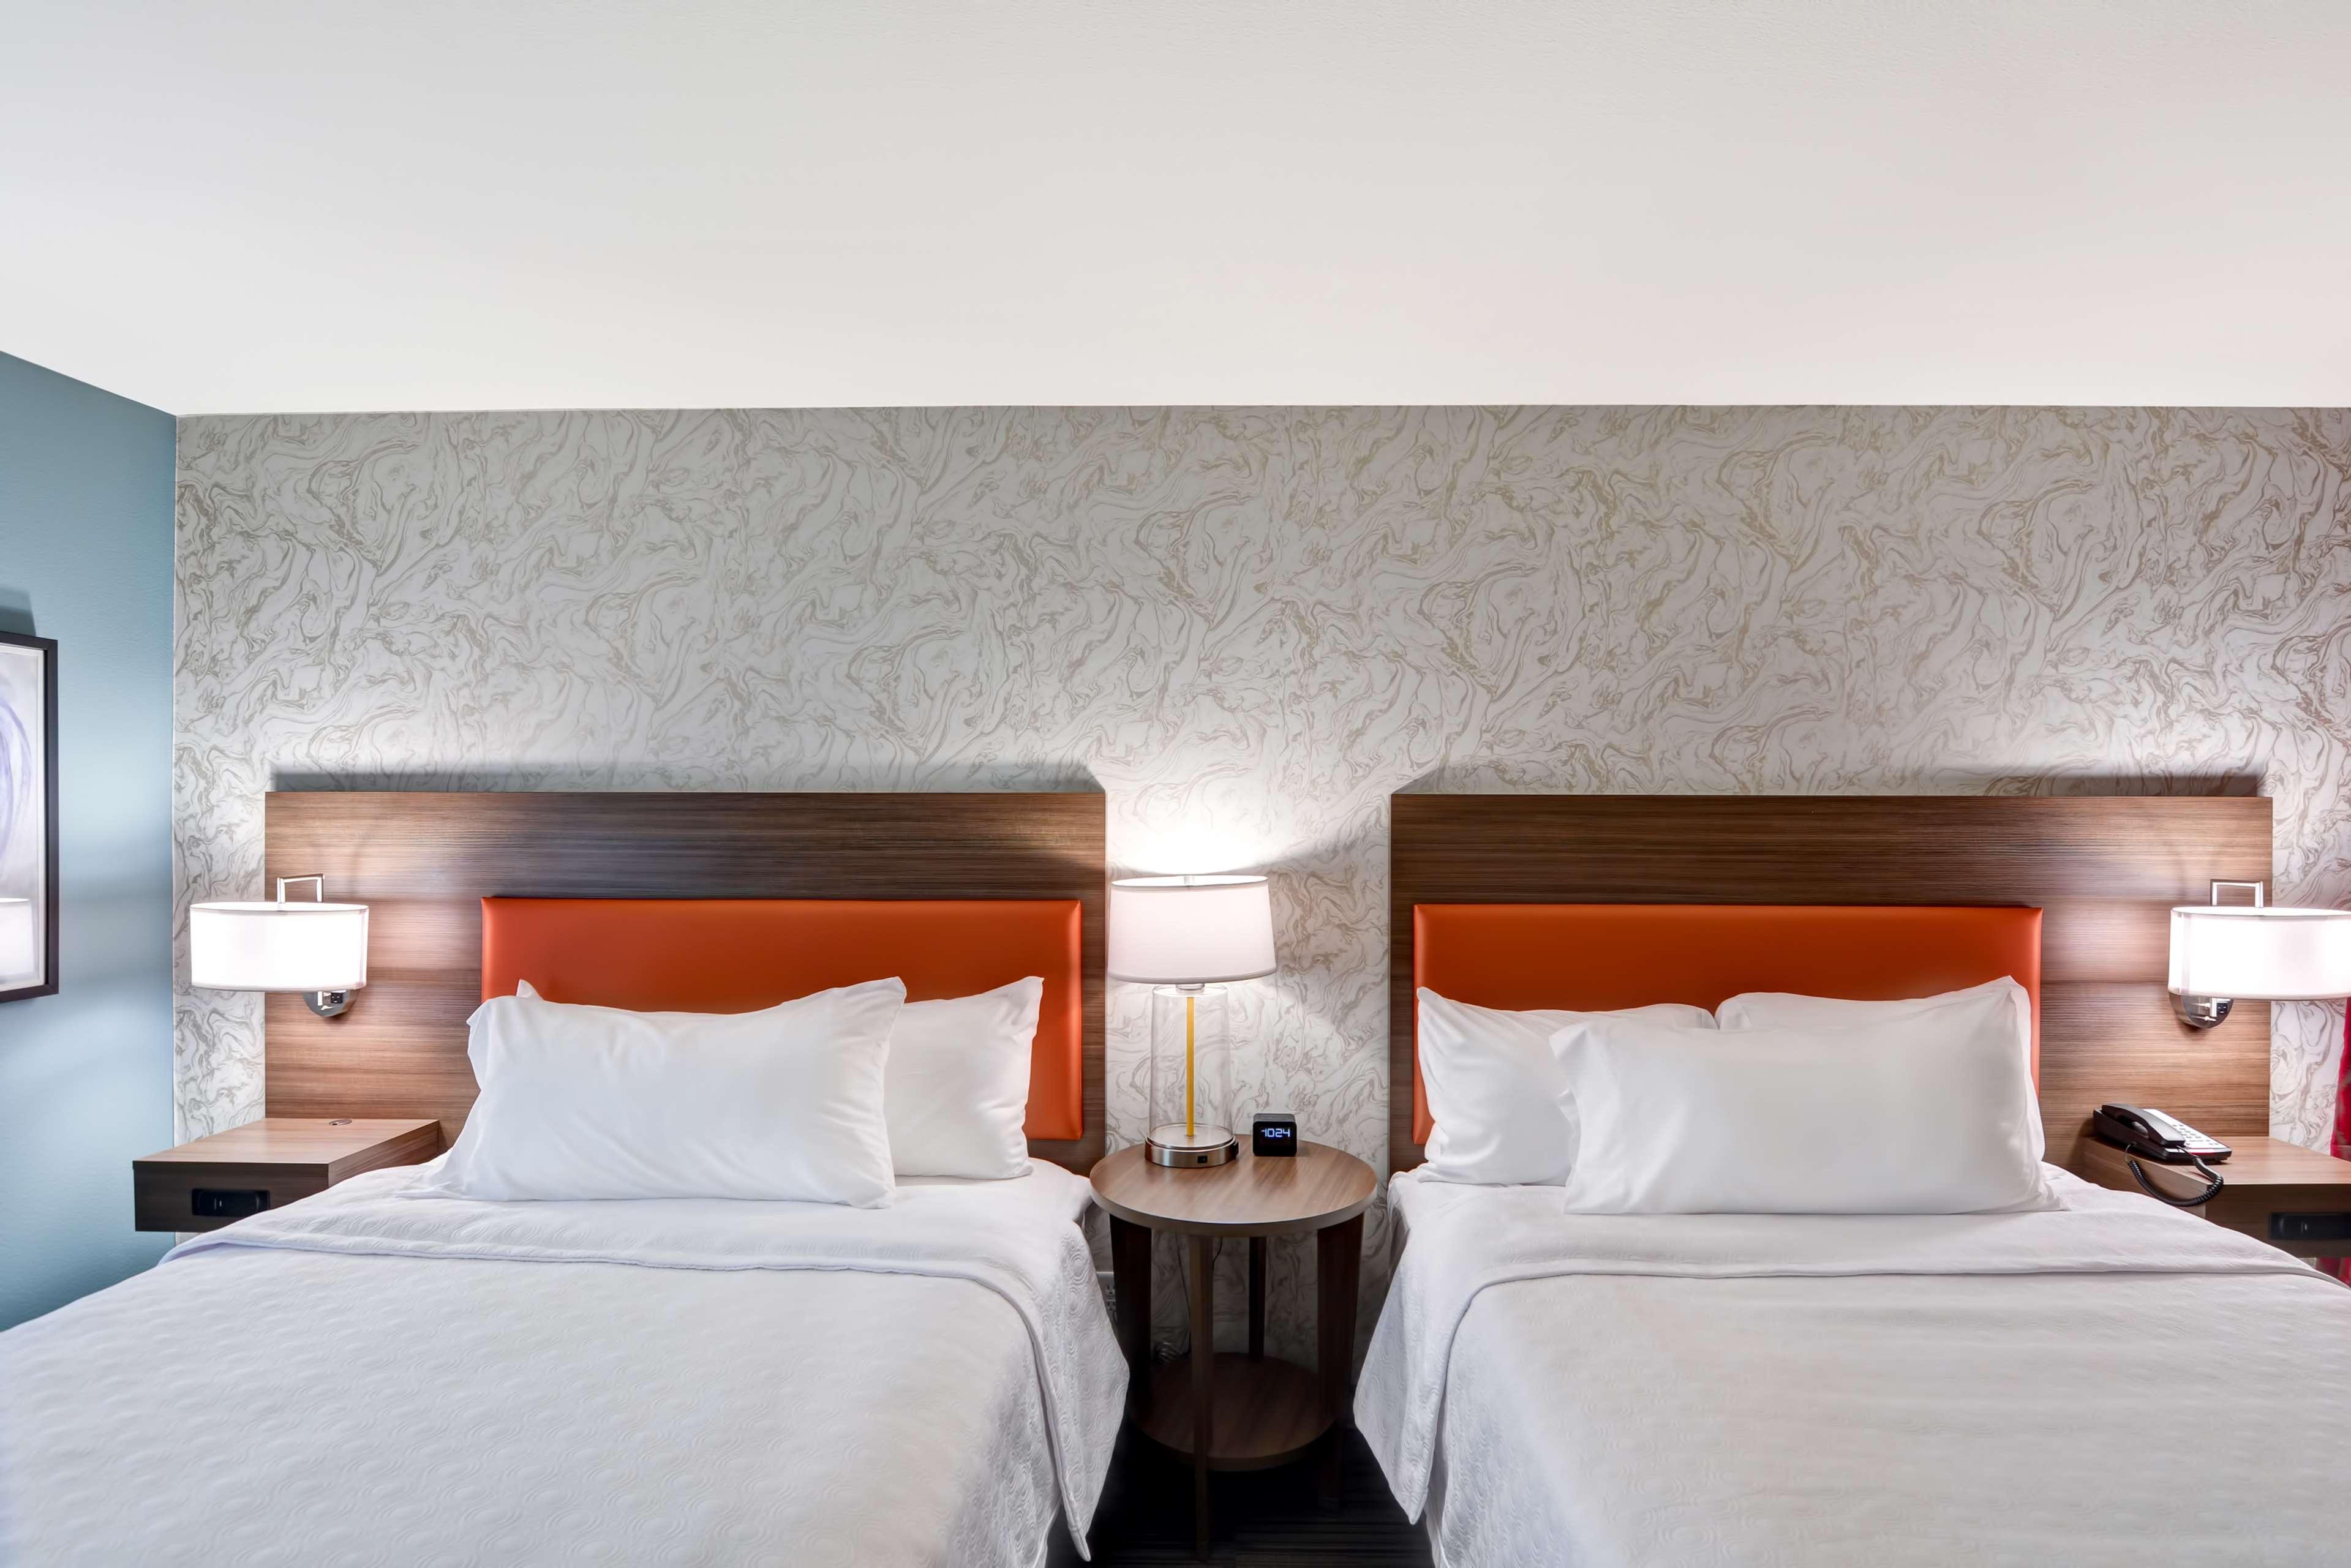 Home2 Suites by Hilton Lafayette image 21